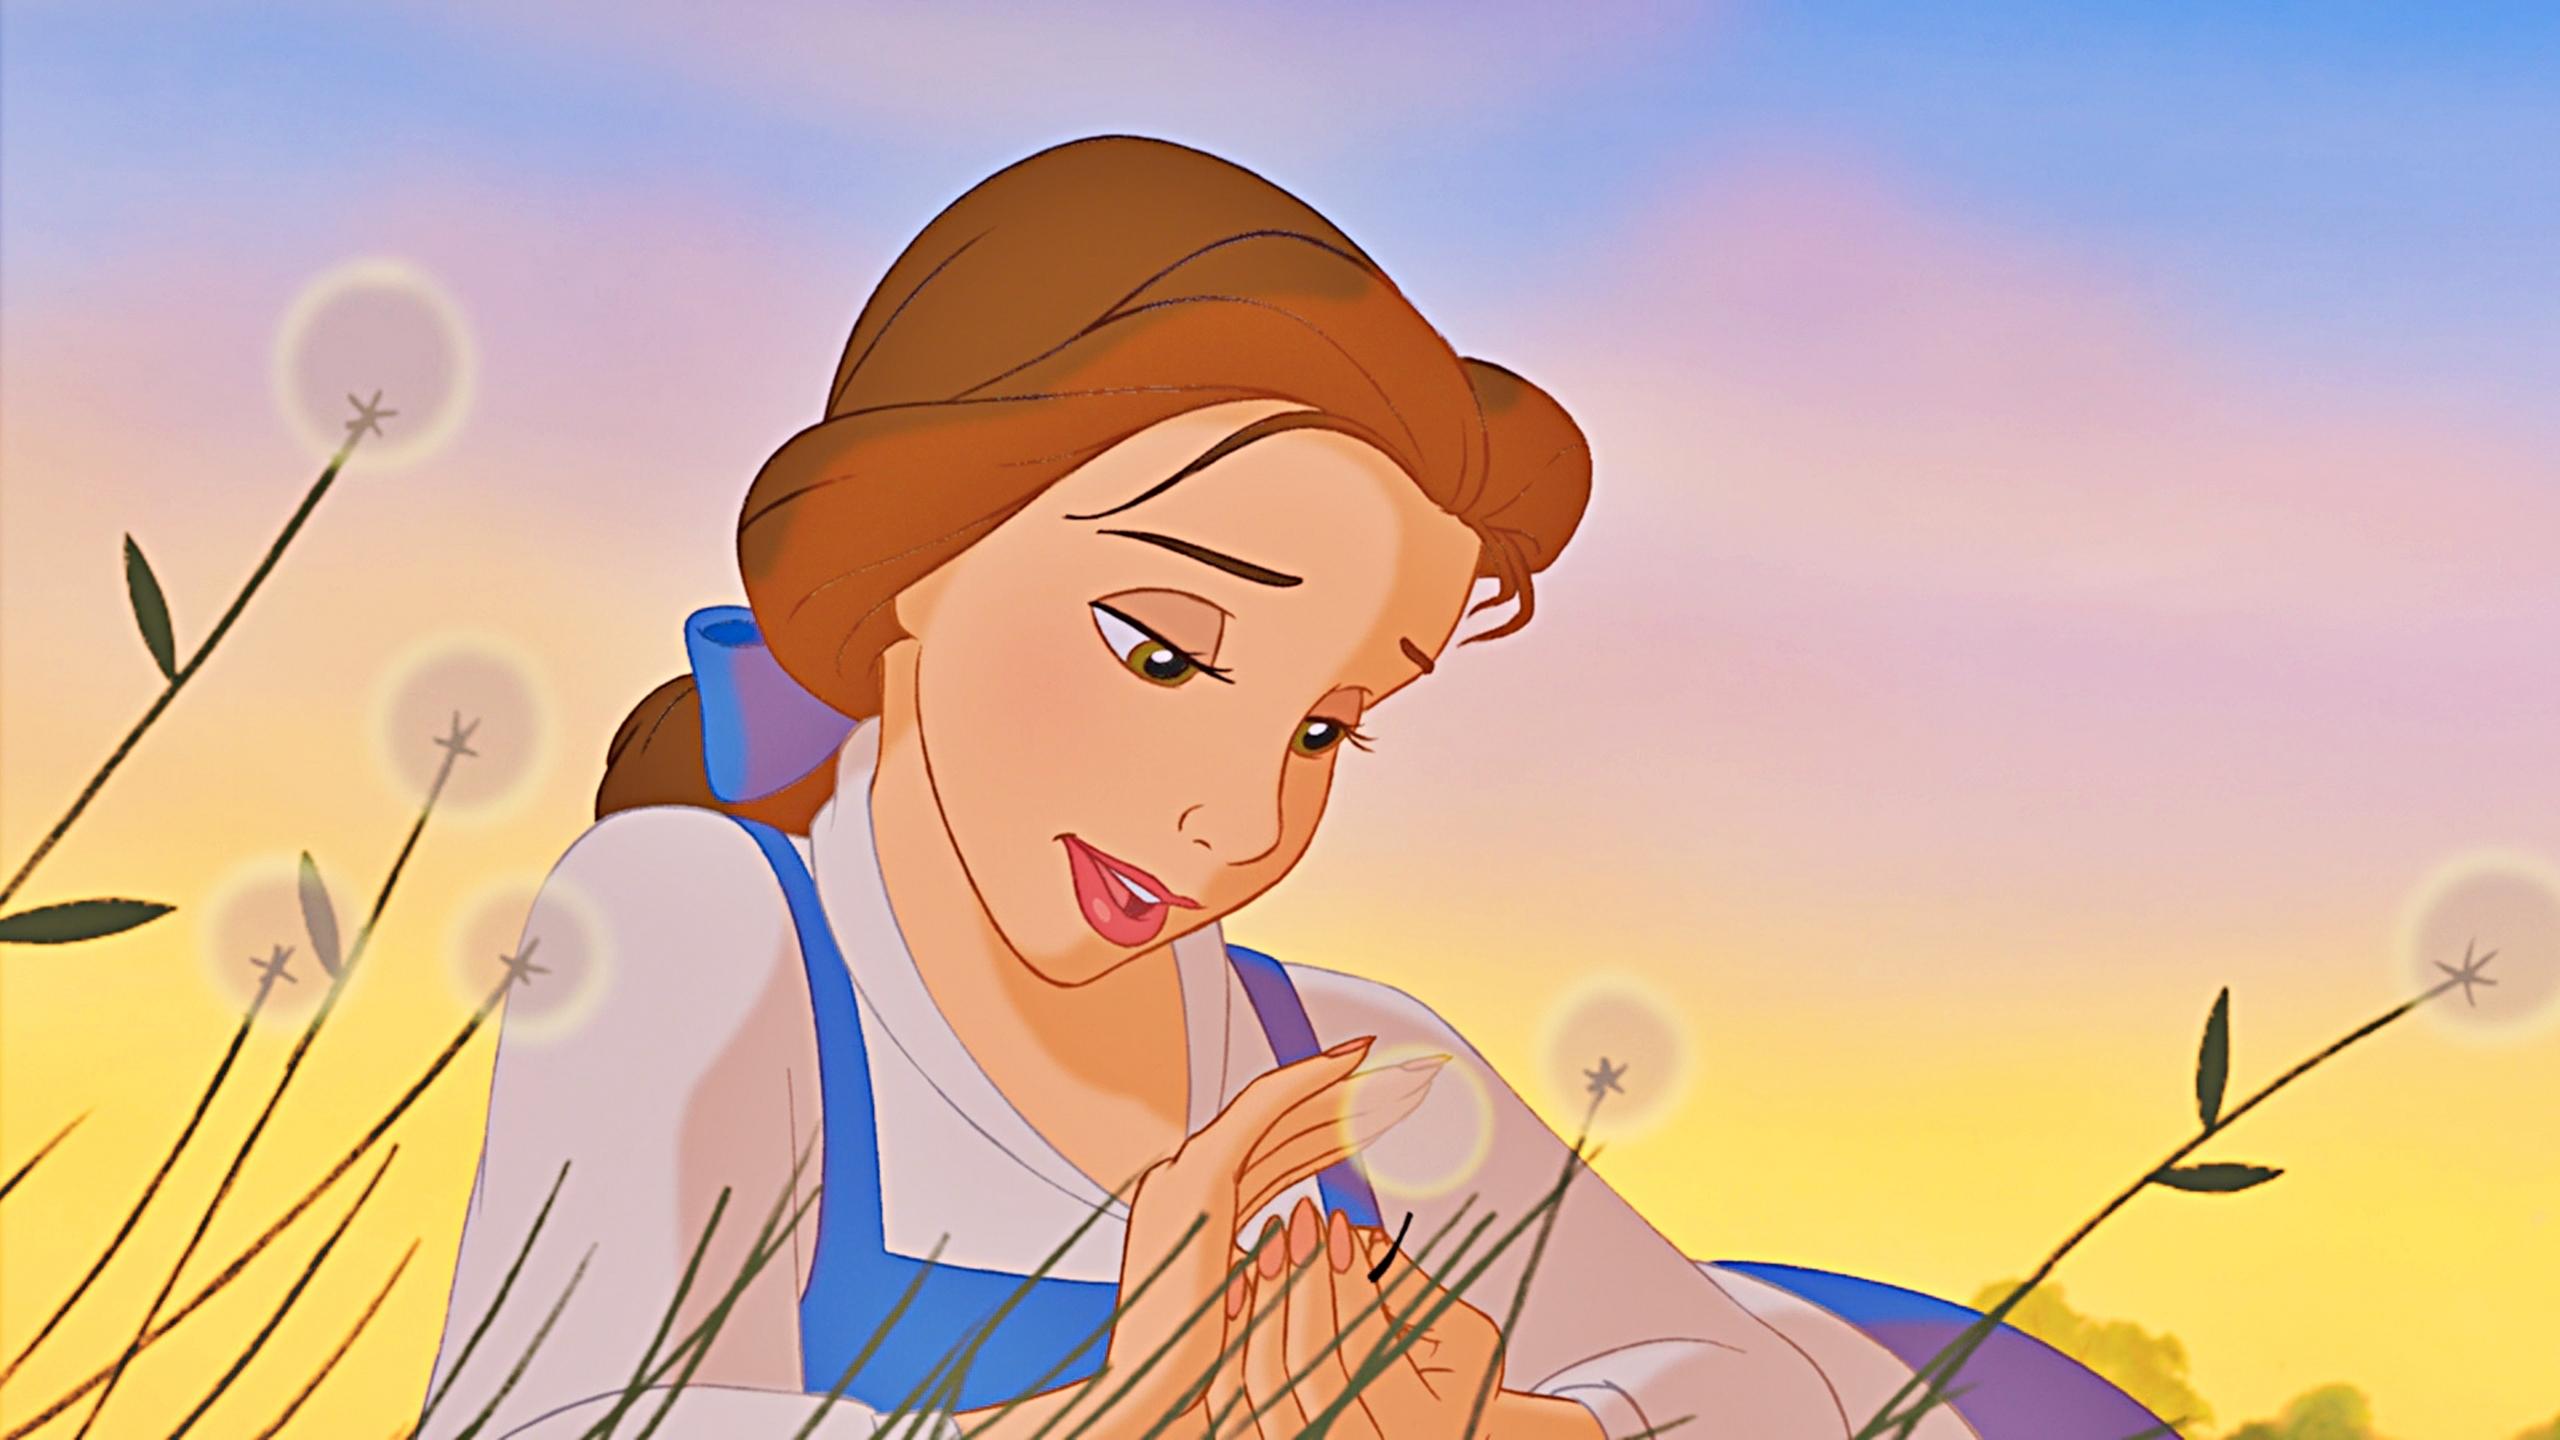 belle - 美女与野兽 壁纸